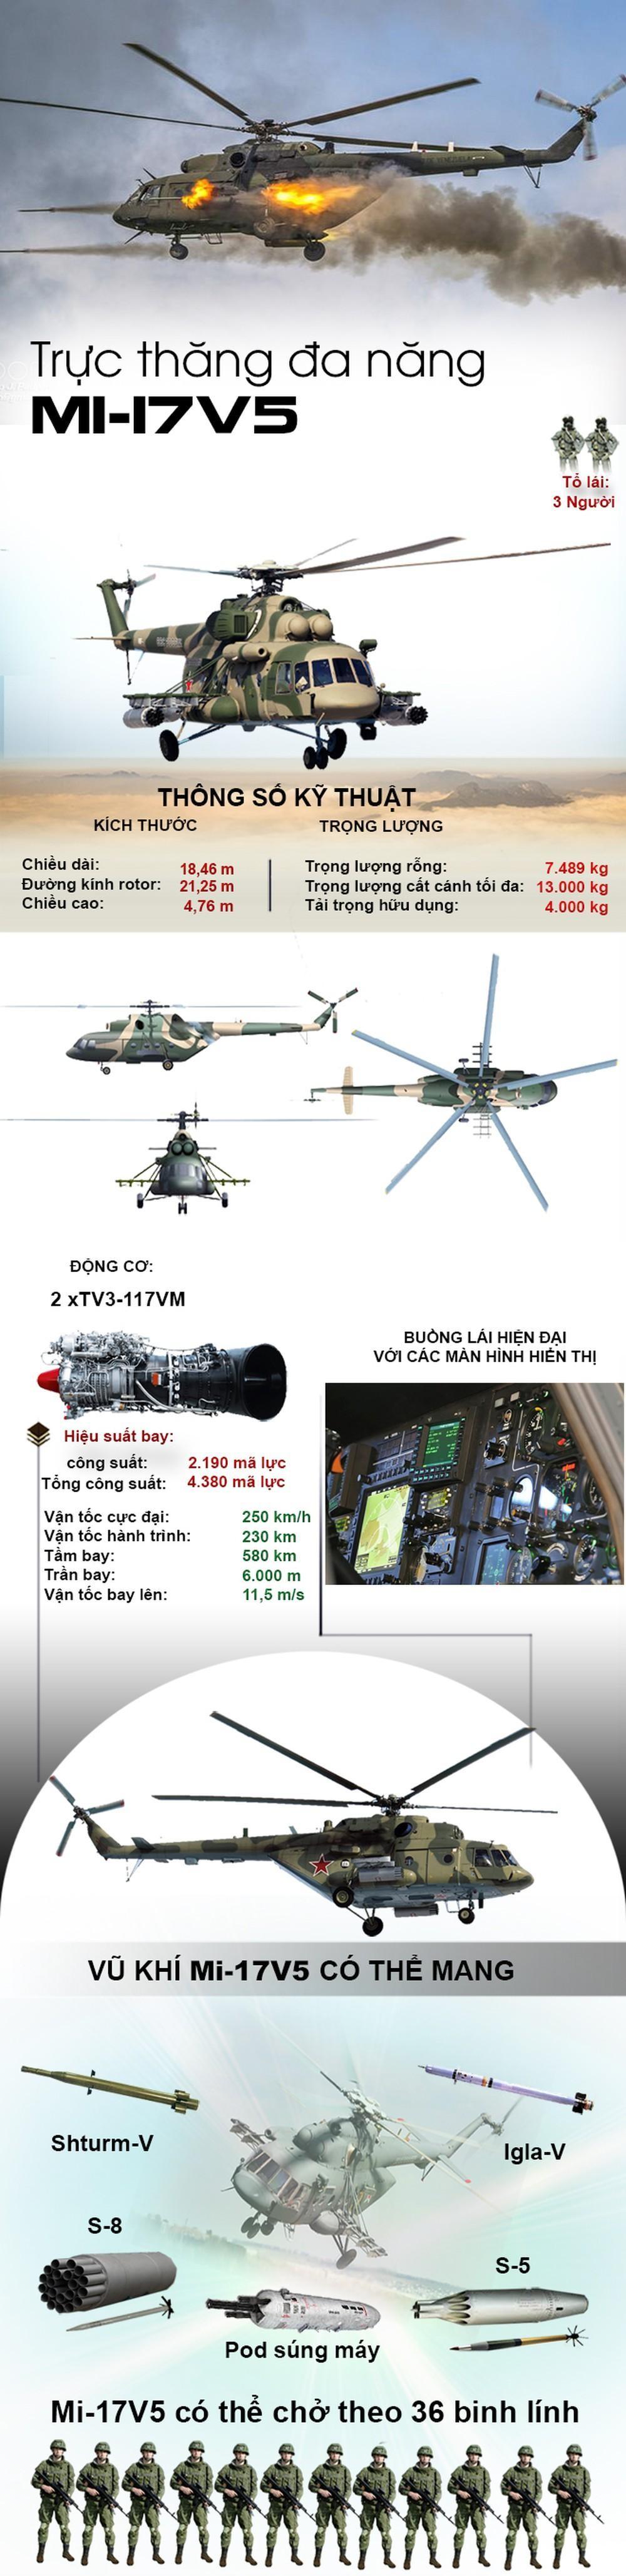 [Info] Trực thăng vận tải đa năng tốt nhất của Nga tiếp tục được nhập về Đông Nam Á ảnh 3